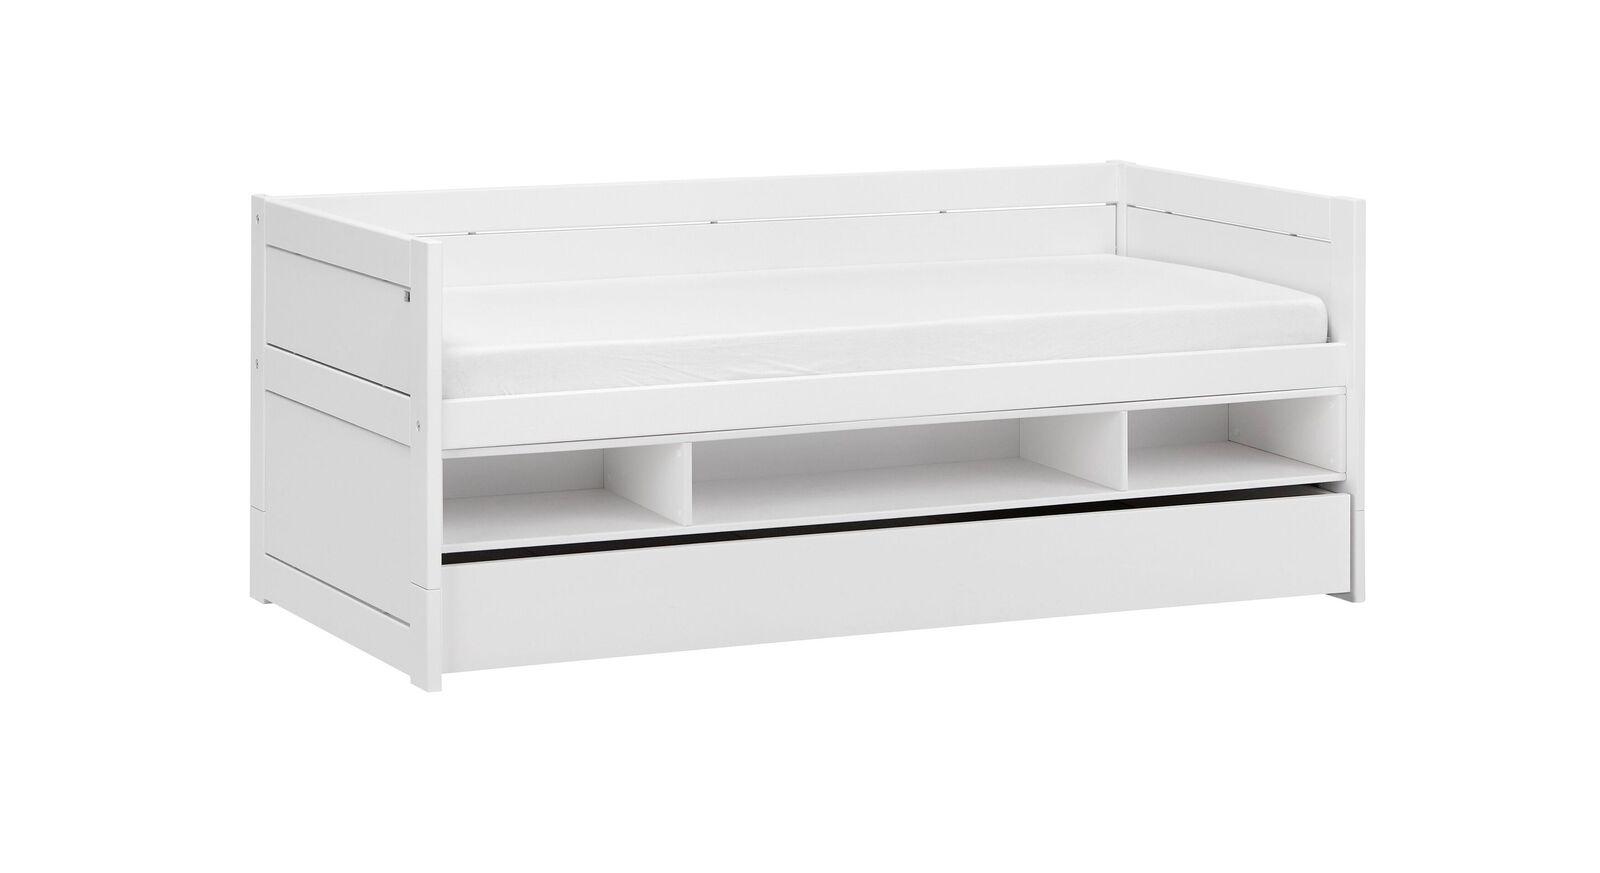 LIFETIME Stauraum-Sofabett Original mit Fächern und Schublade